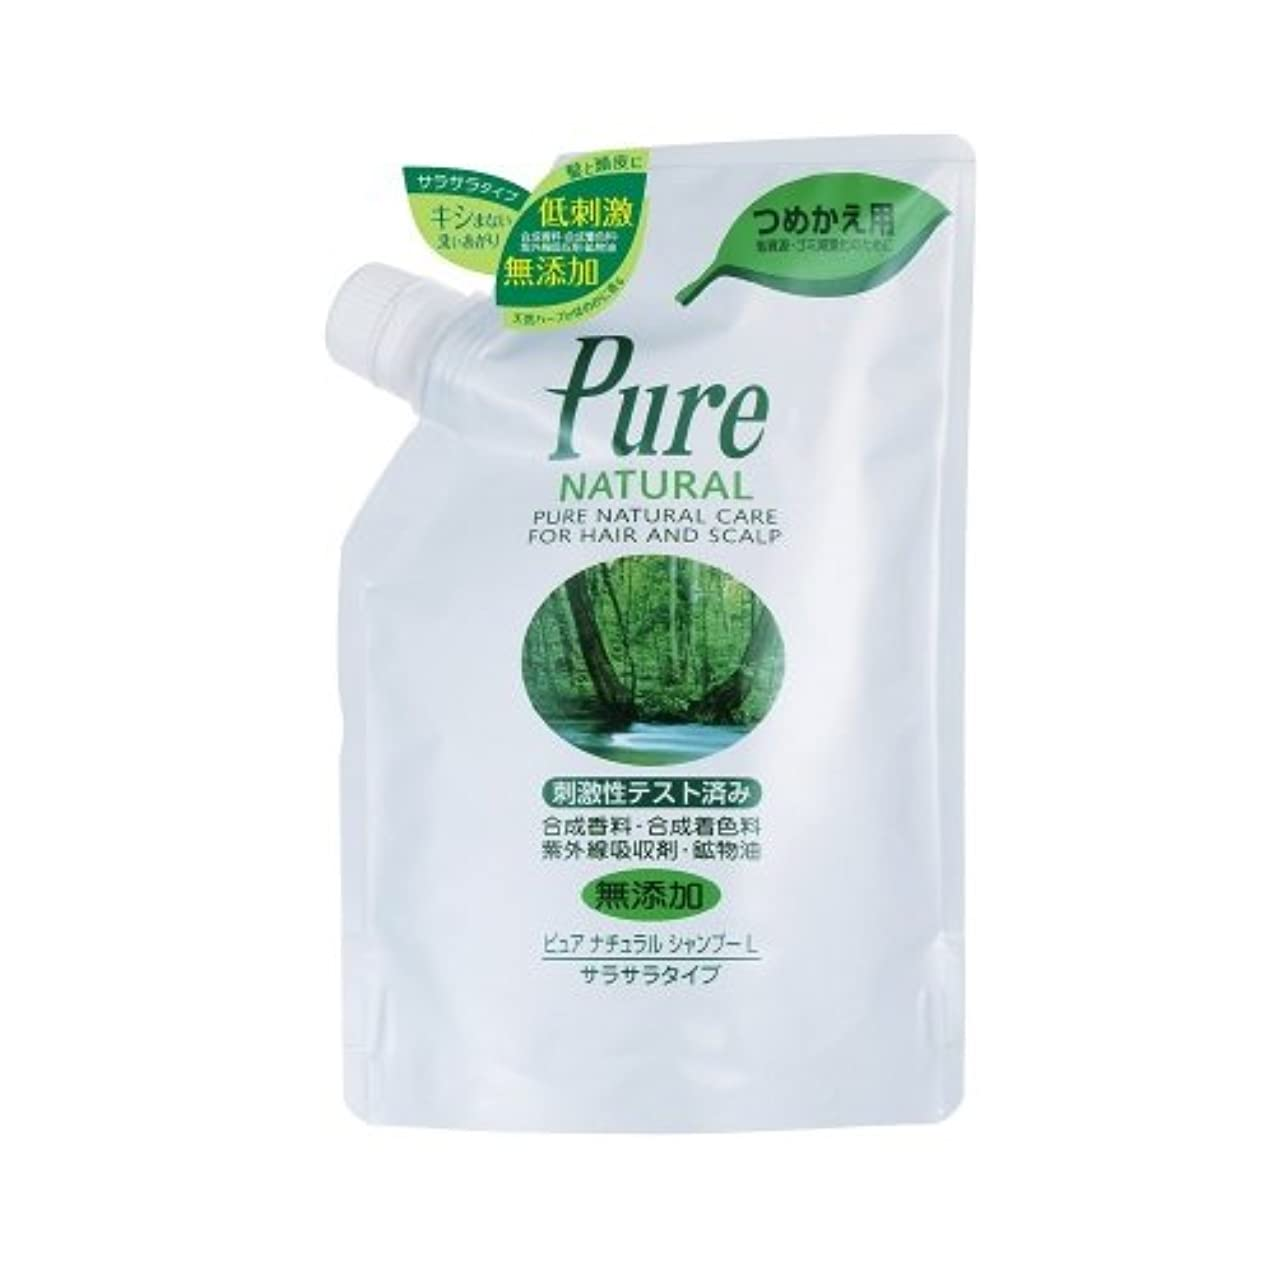 綺麗なワイプ逆Pure NATURAL(ピュアナチュラル) シャンプー L (サラサラタイプ) 詰替用400ml